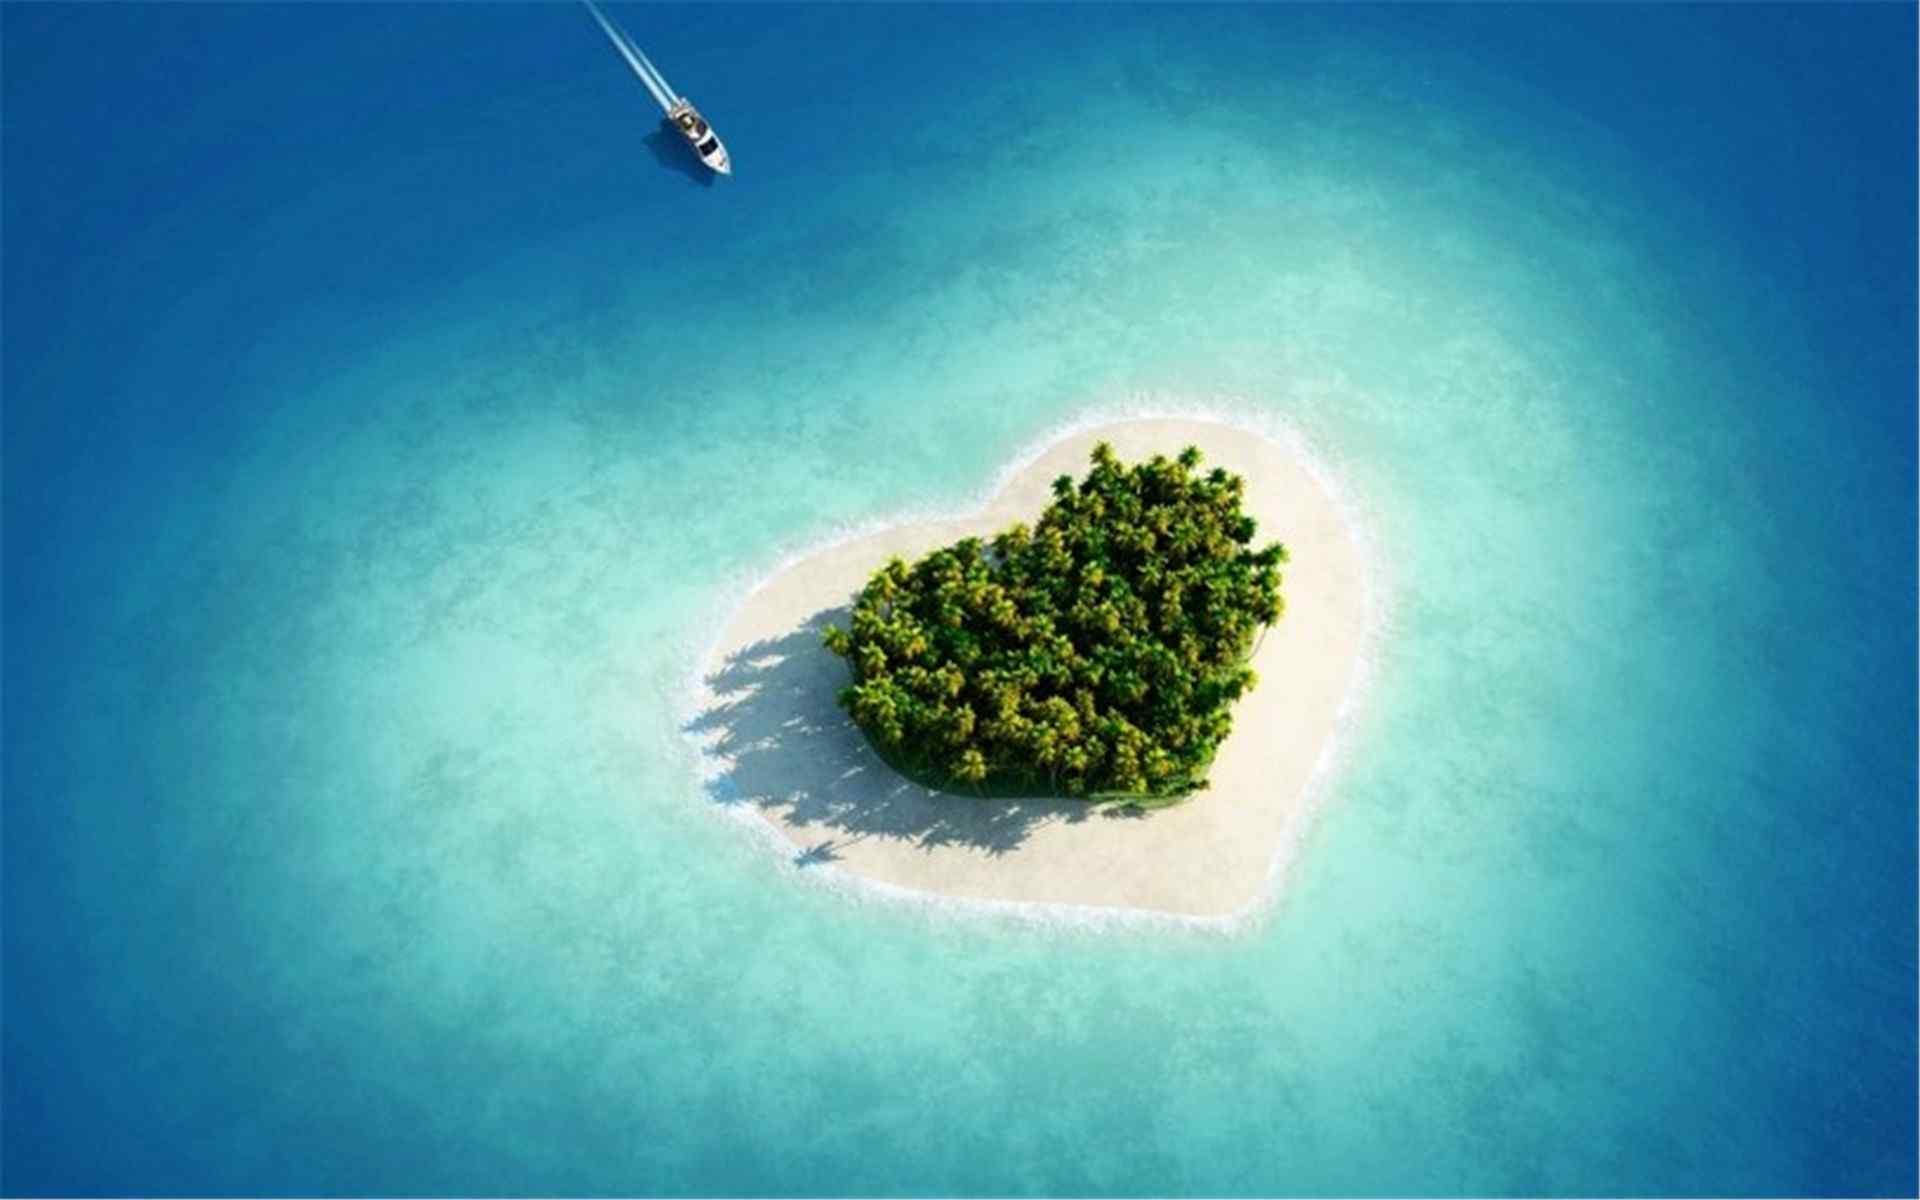 唯美高清自然风景壁纸:爱情岛 大海的心 蓝色经典